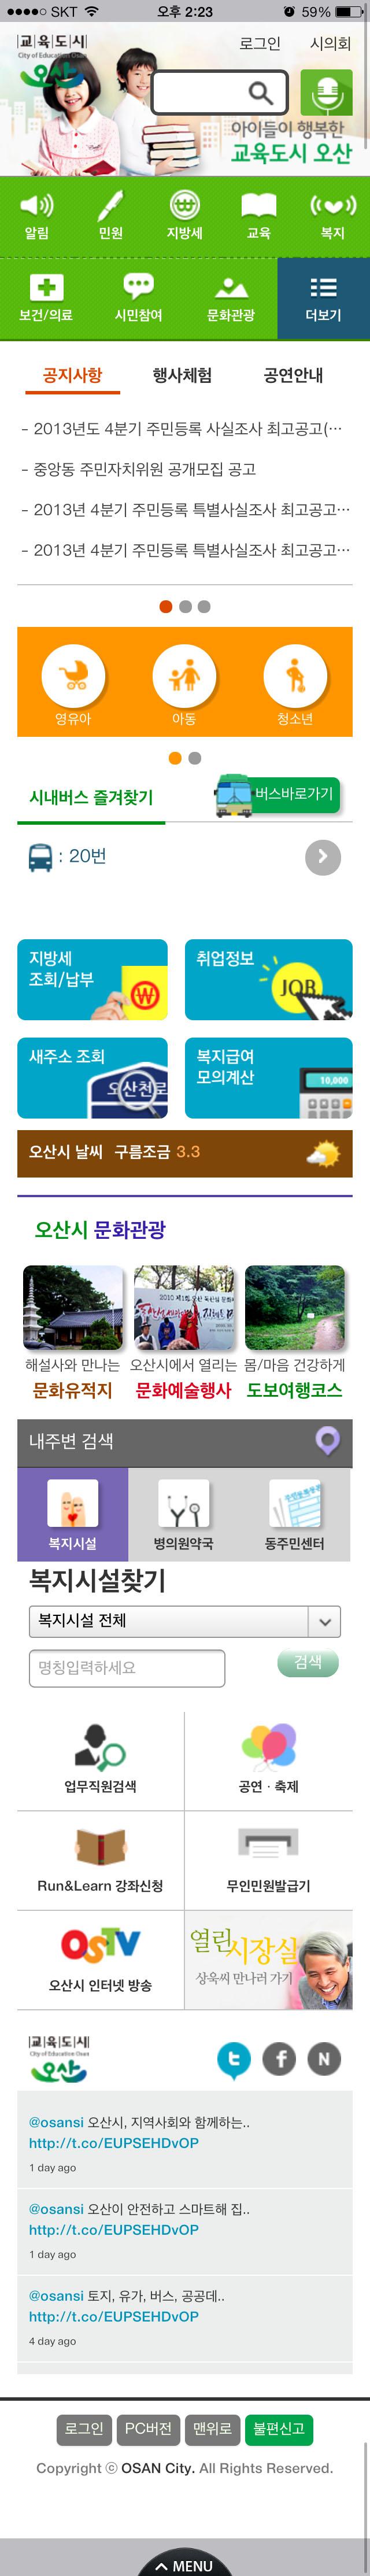 아이폰에서 보여지는 '스마트오산'